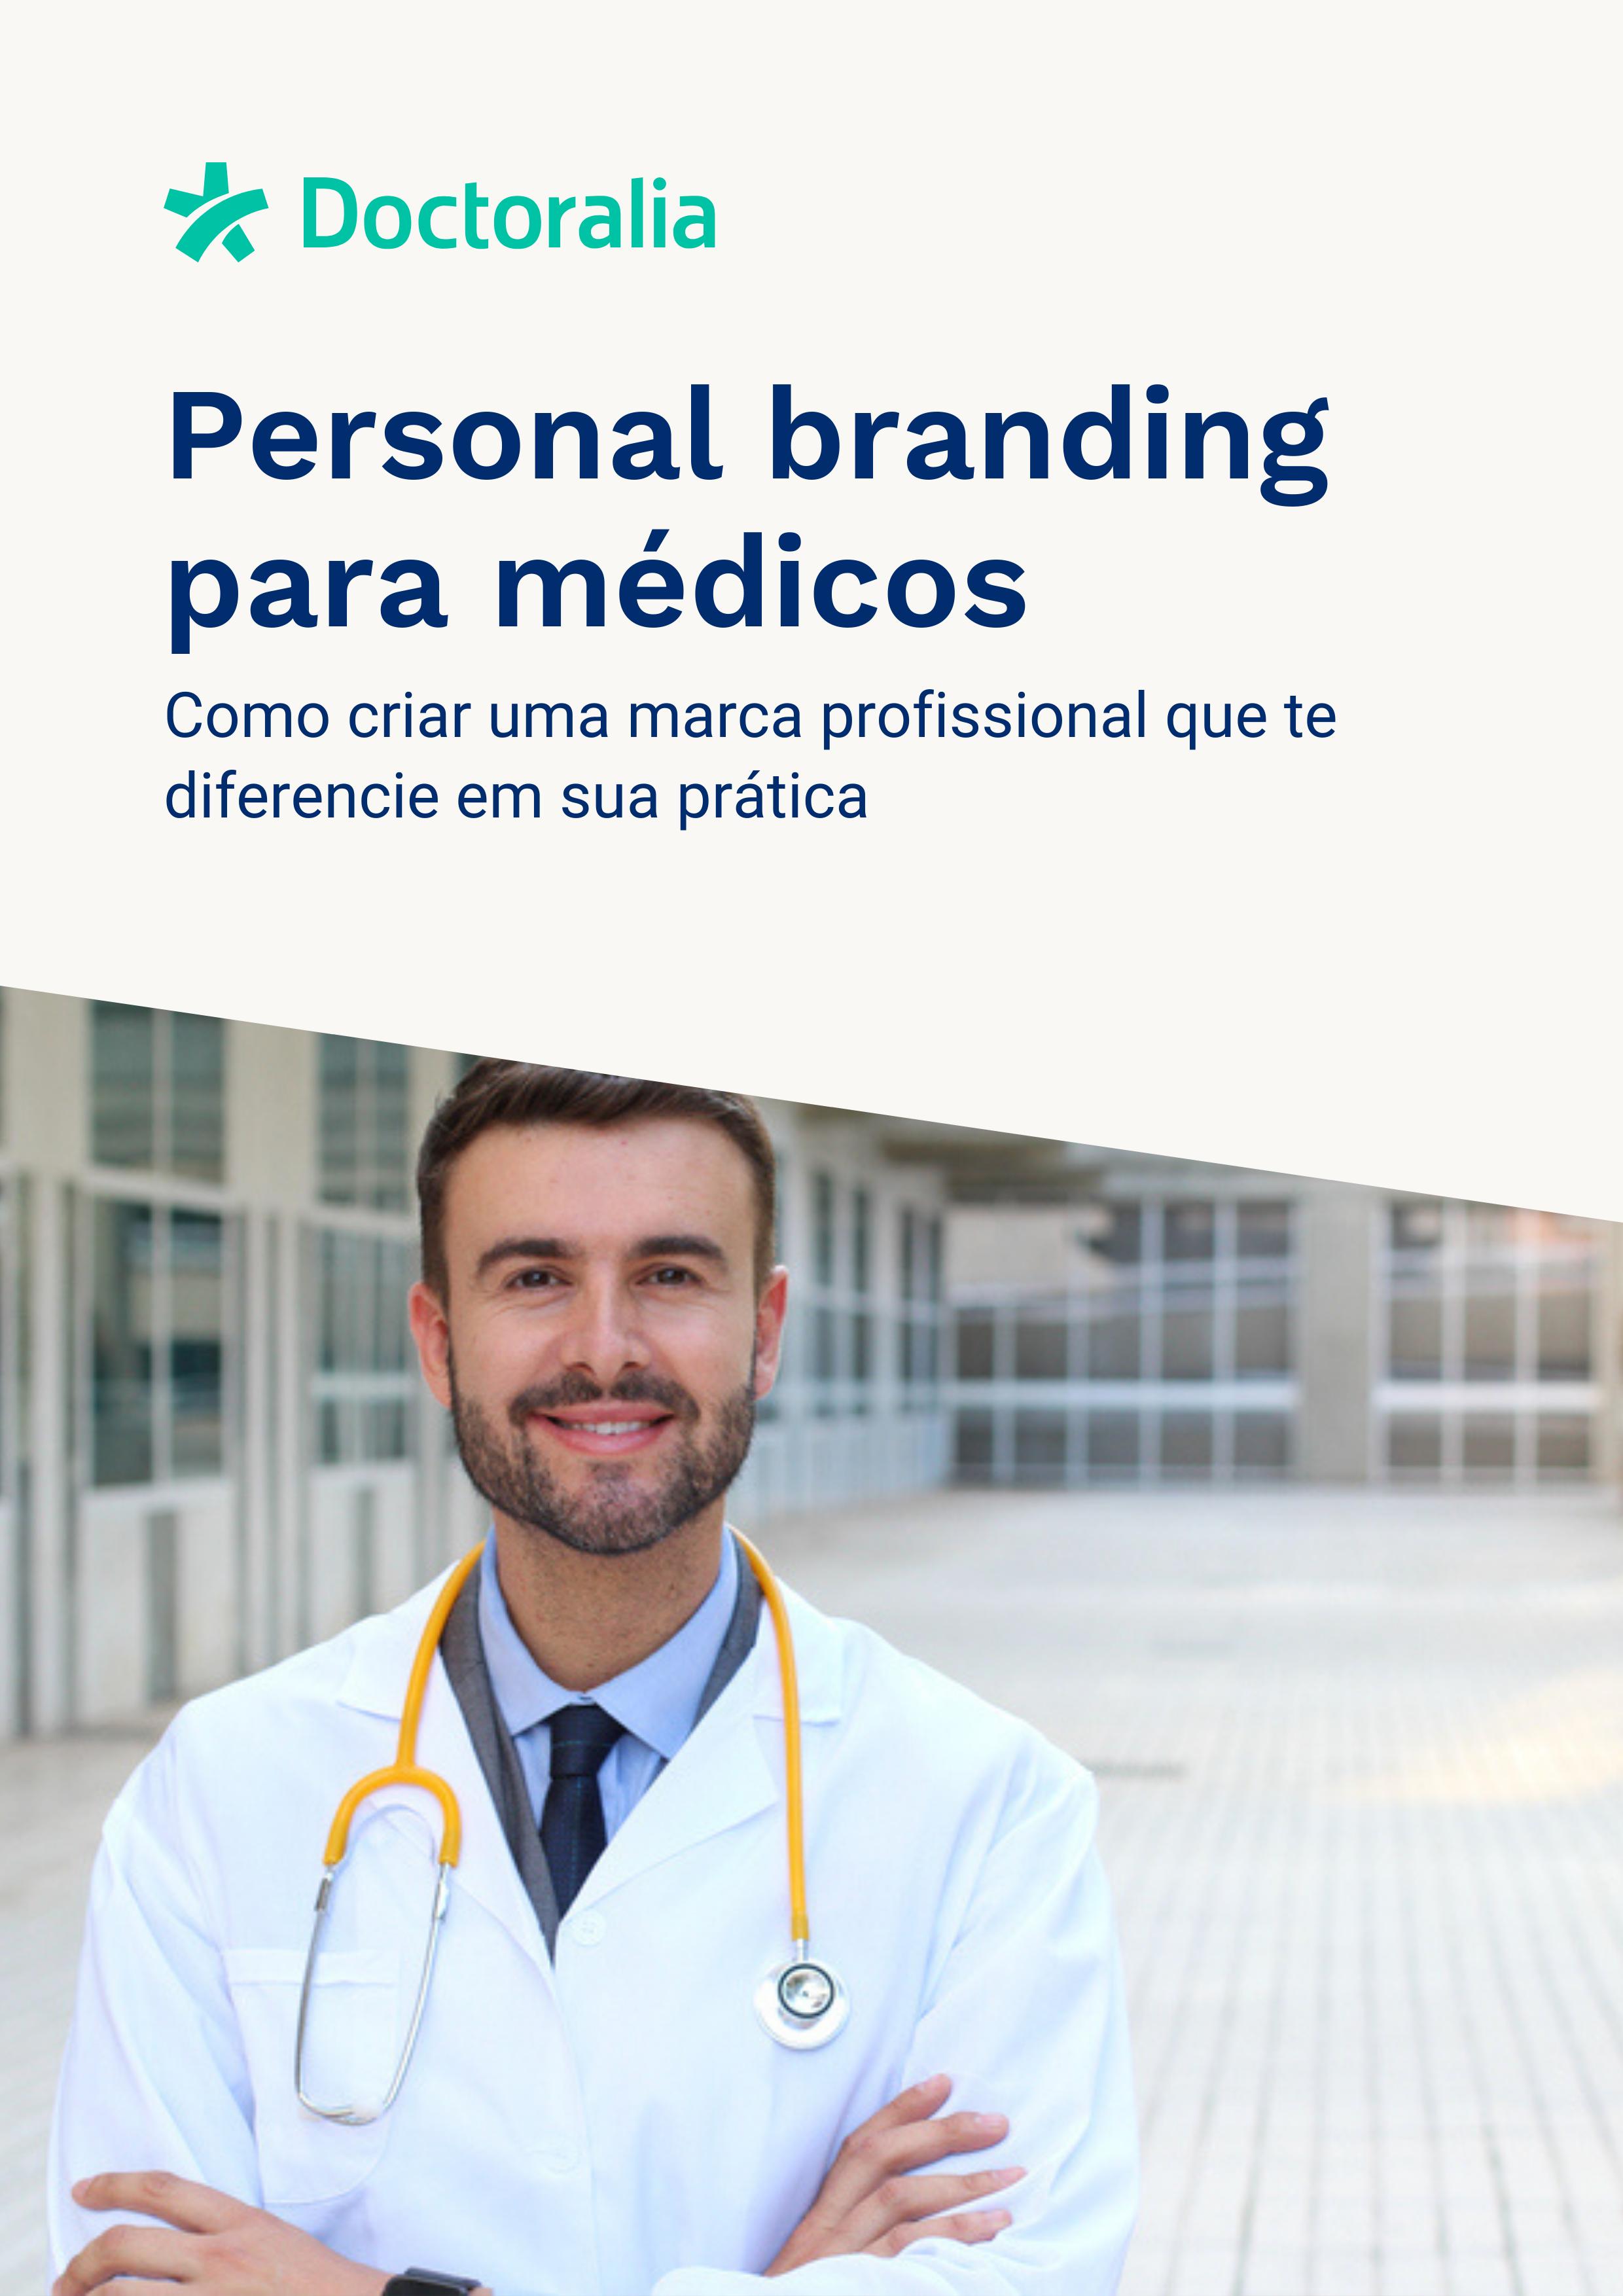 Personal branding para médicos - Doctoralia